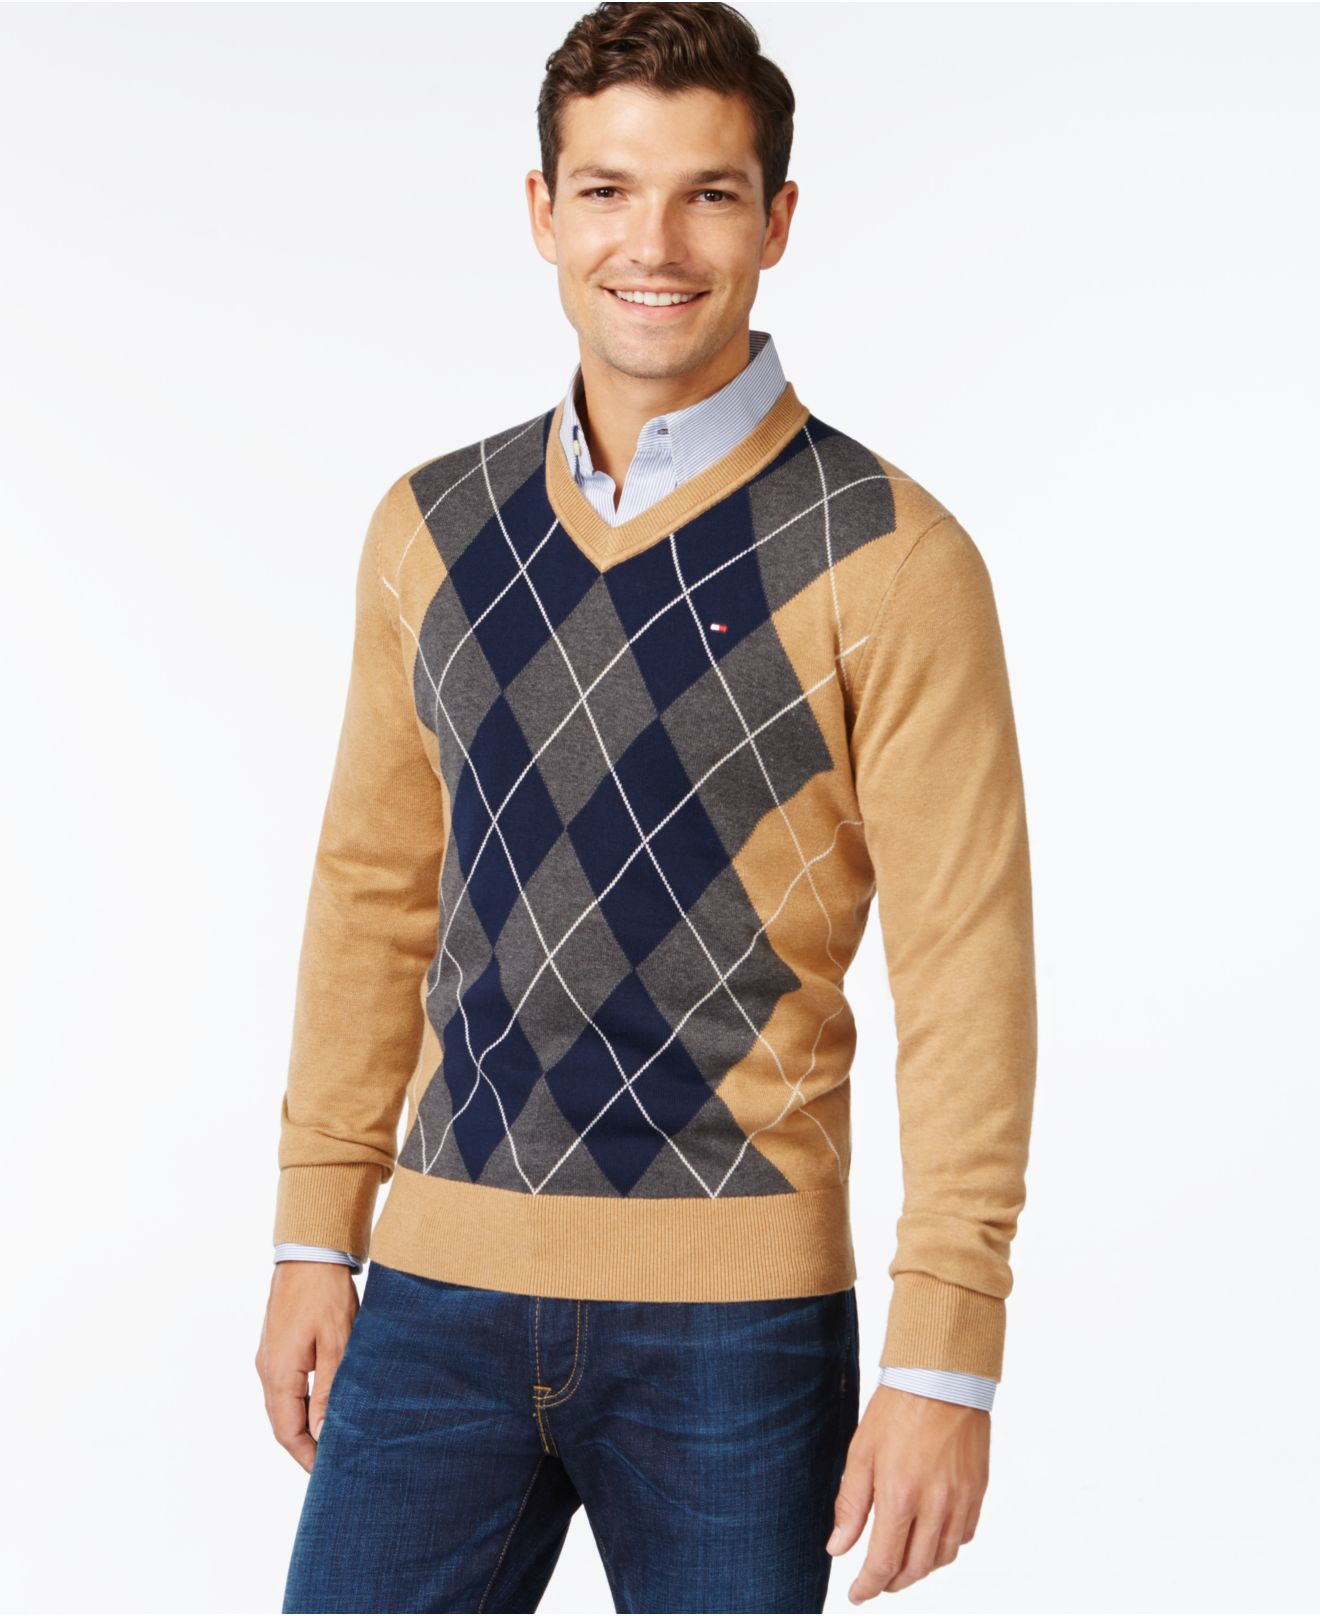 lyst tommy hilfiger signature argyle v neck sweater in natural for men. Black Bedroom Furniture Sets. Home Design Ideas